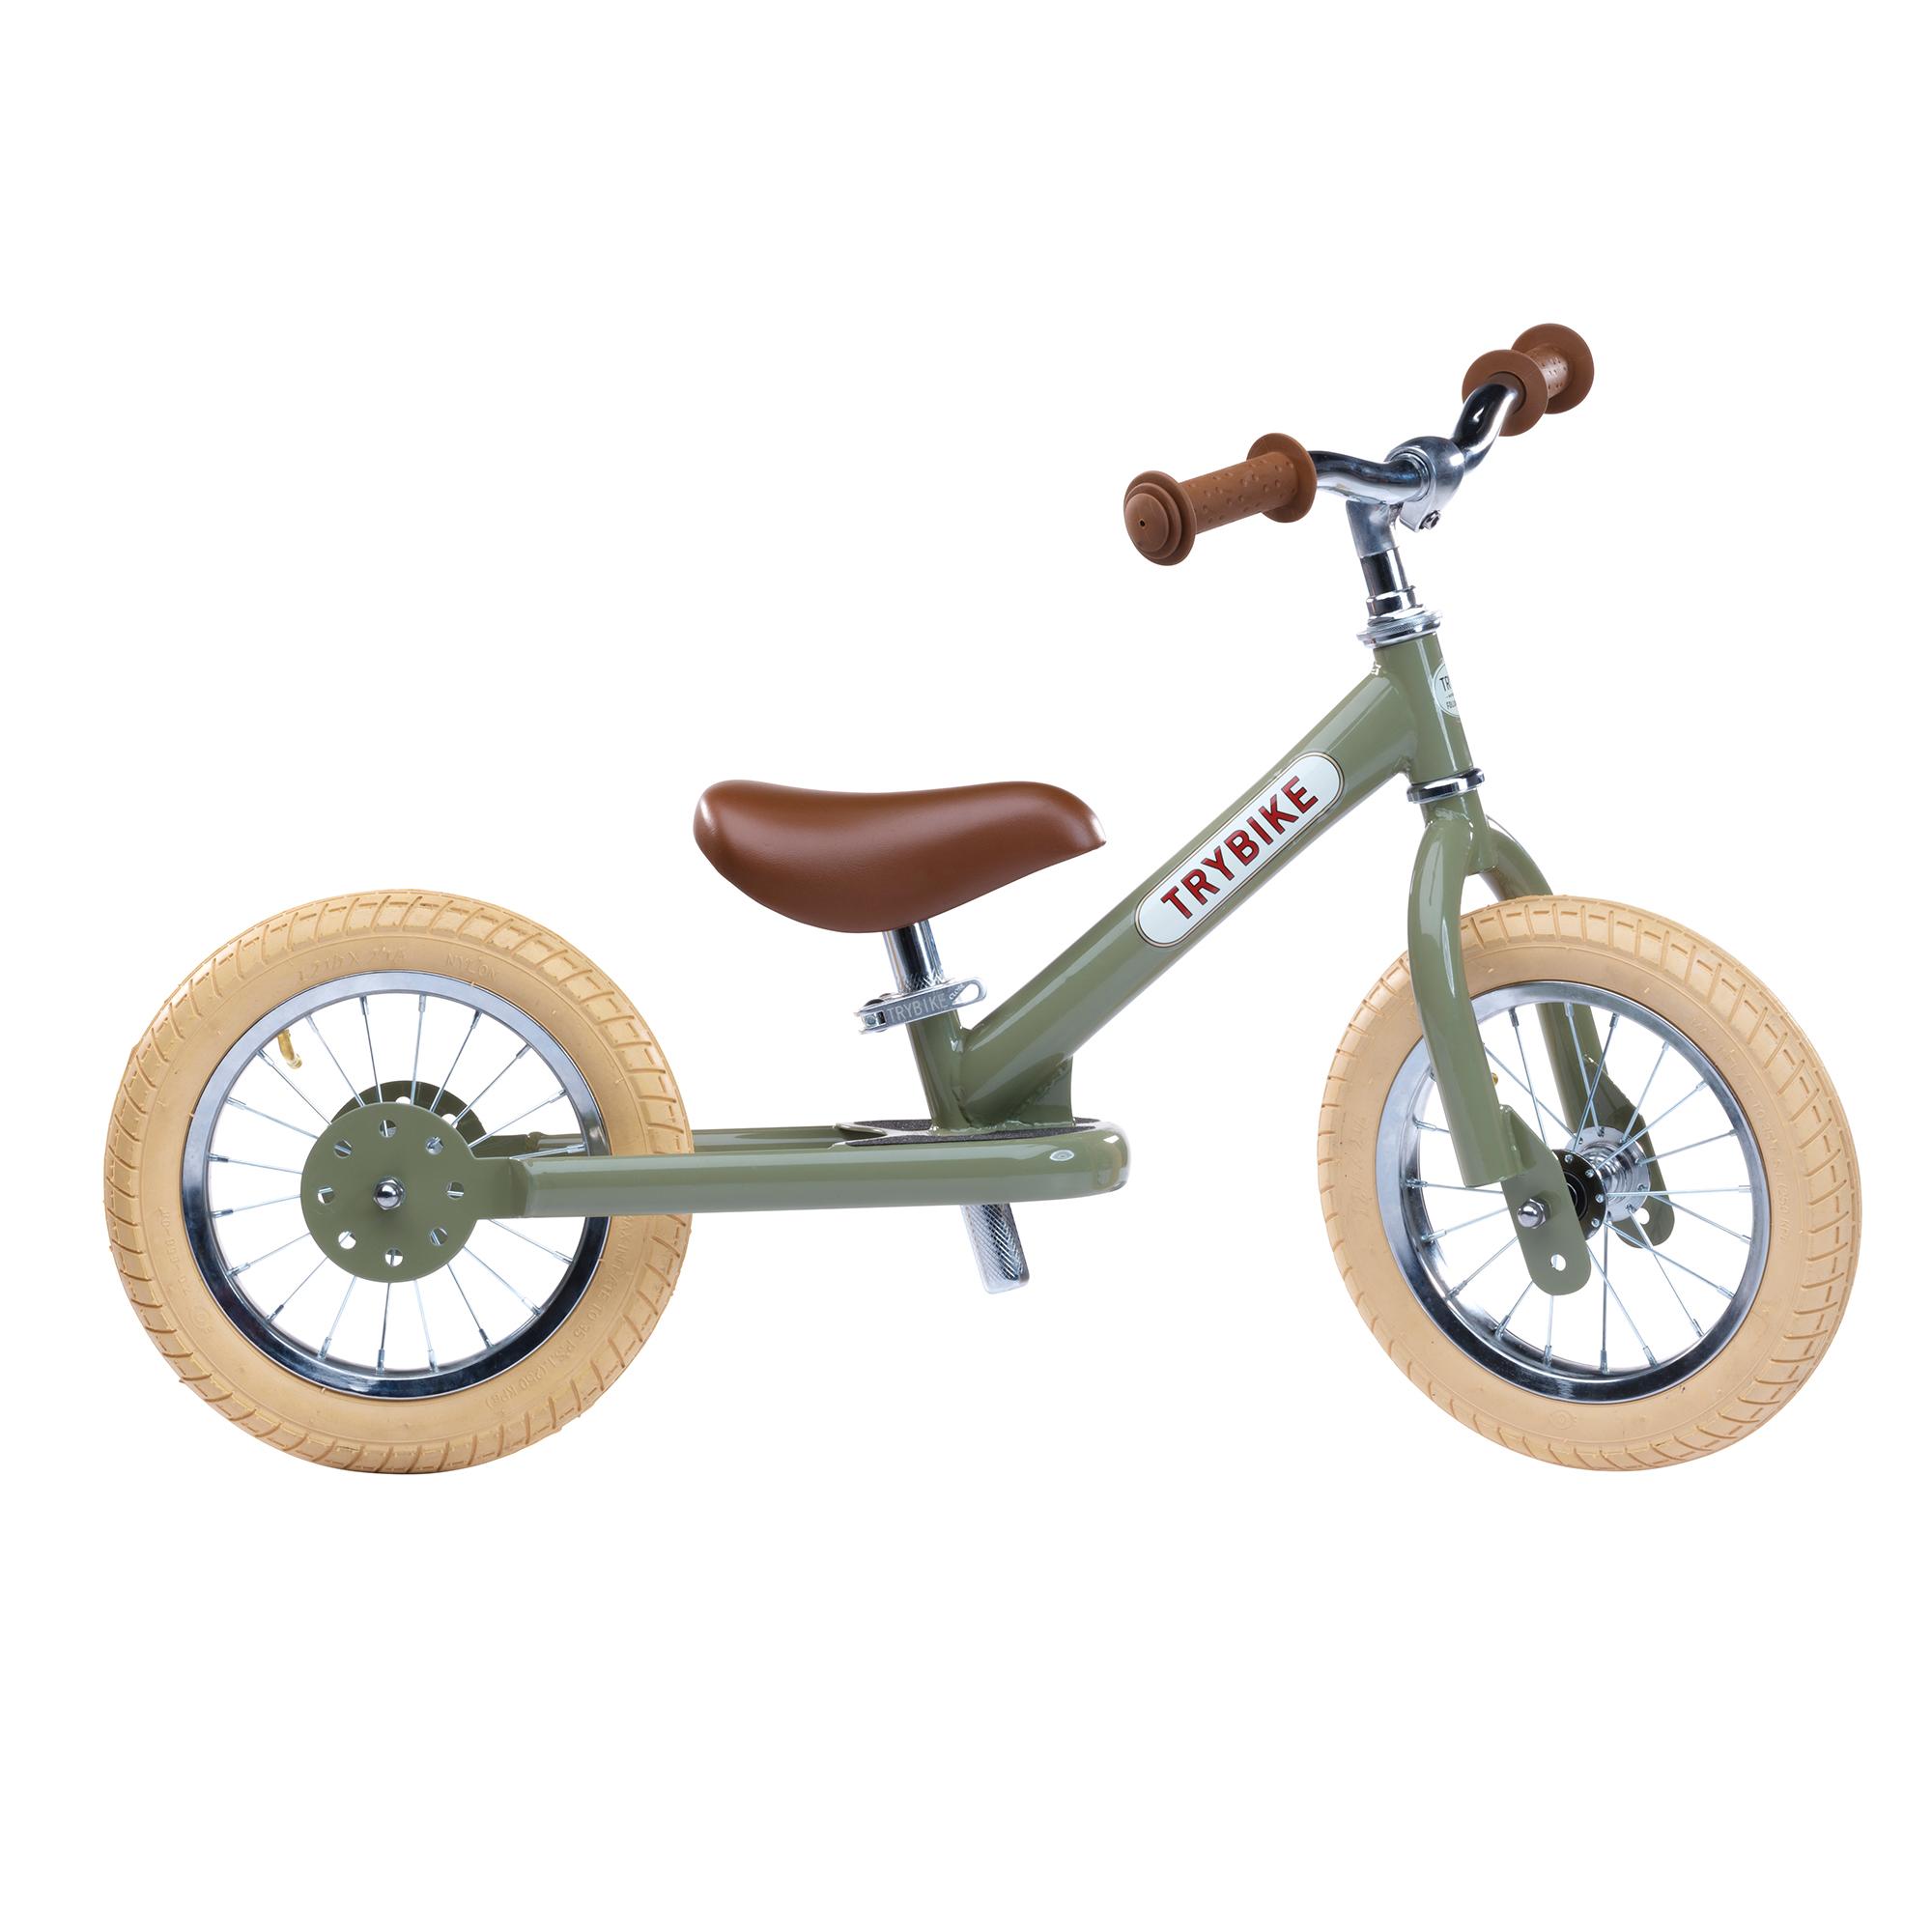 Trybike Steel Vintage 2 In 1 Balance Trike